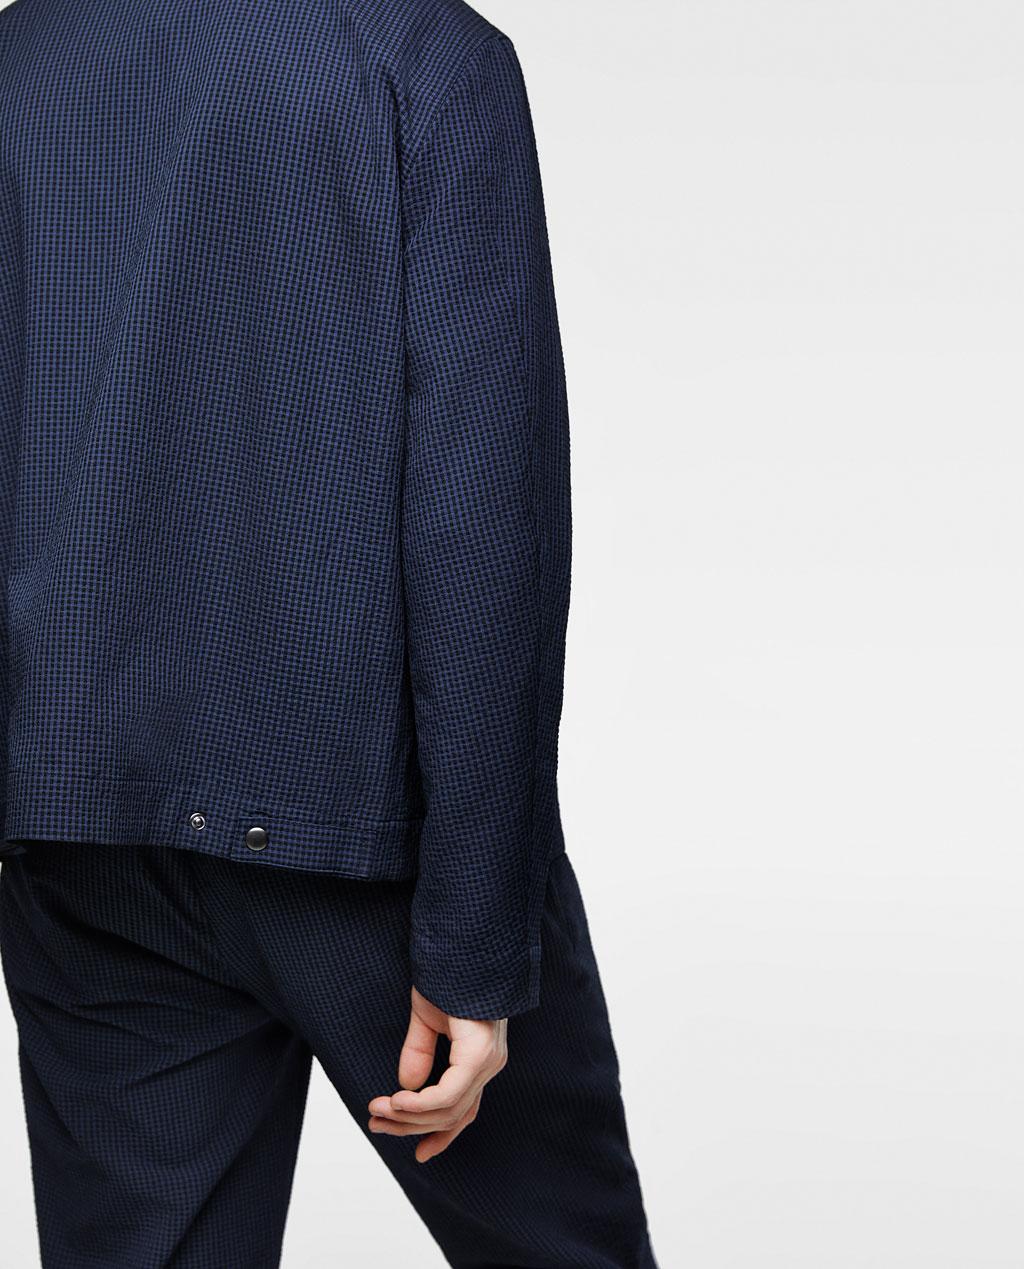 Thời trang nam Zara  24083 - ảnh 7